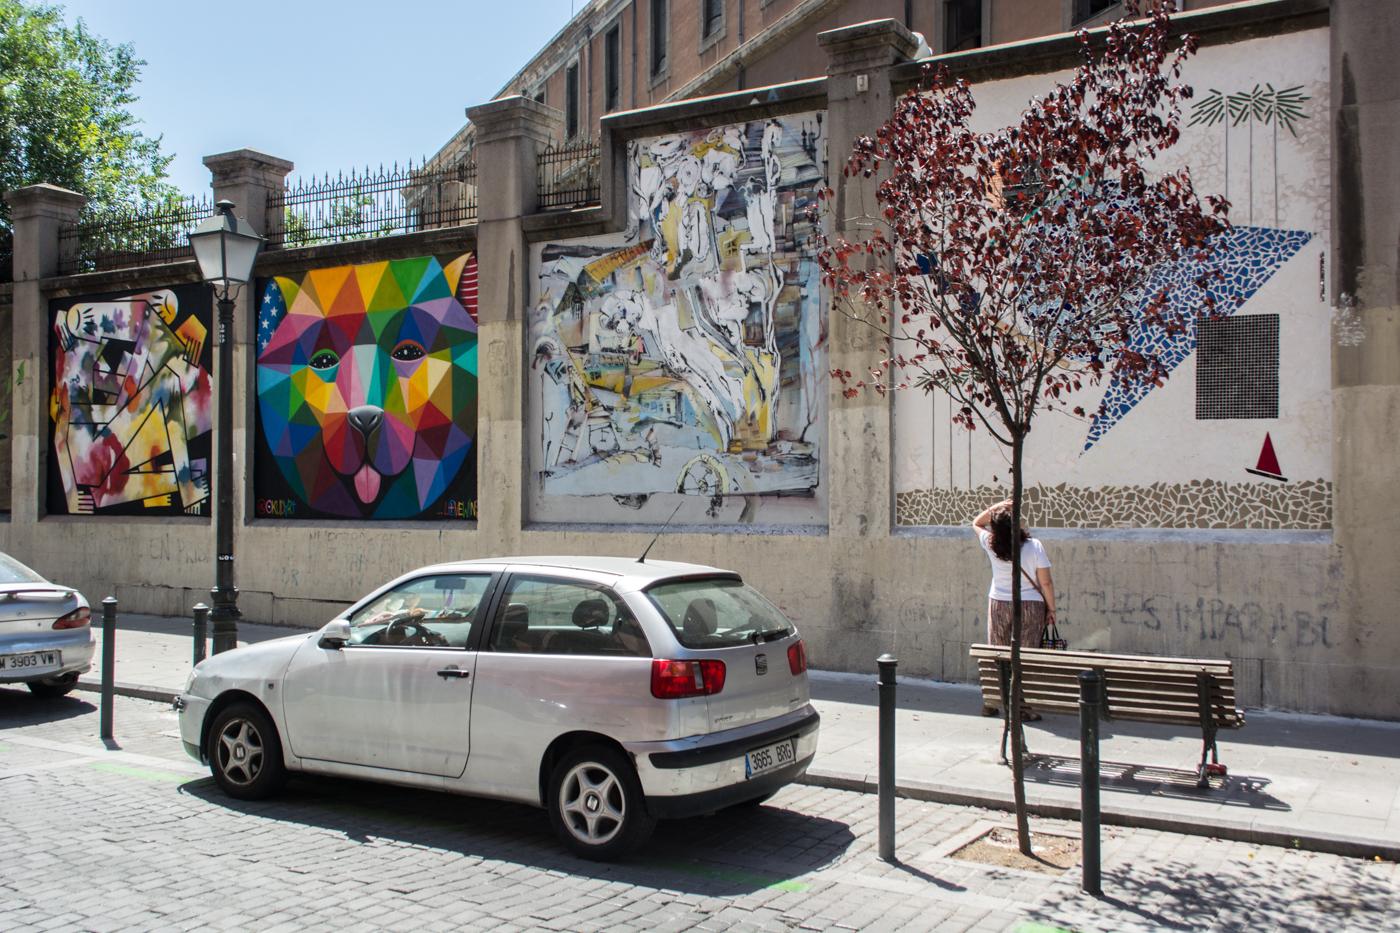 Conjunto - MurosTabacalera by Guillermo de la Madrid - Madrid Street Art Project final-004.jpg